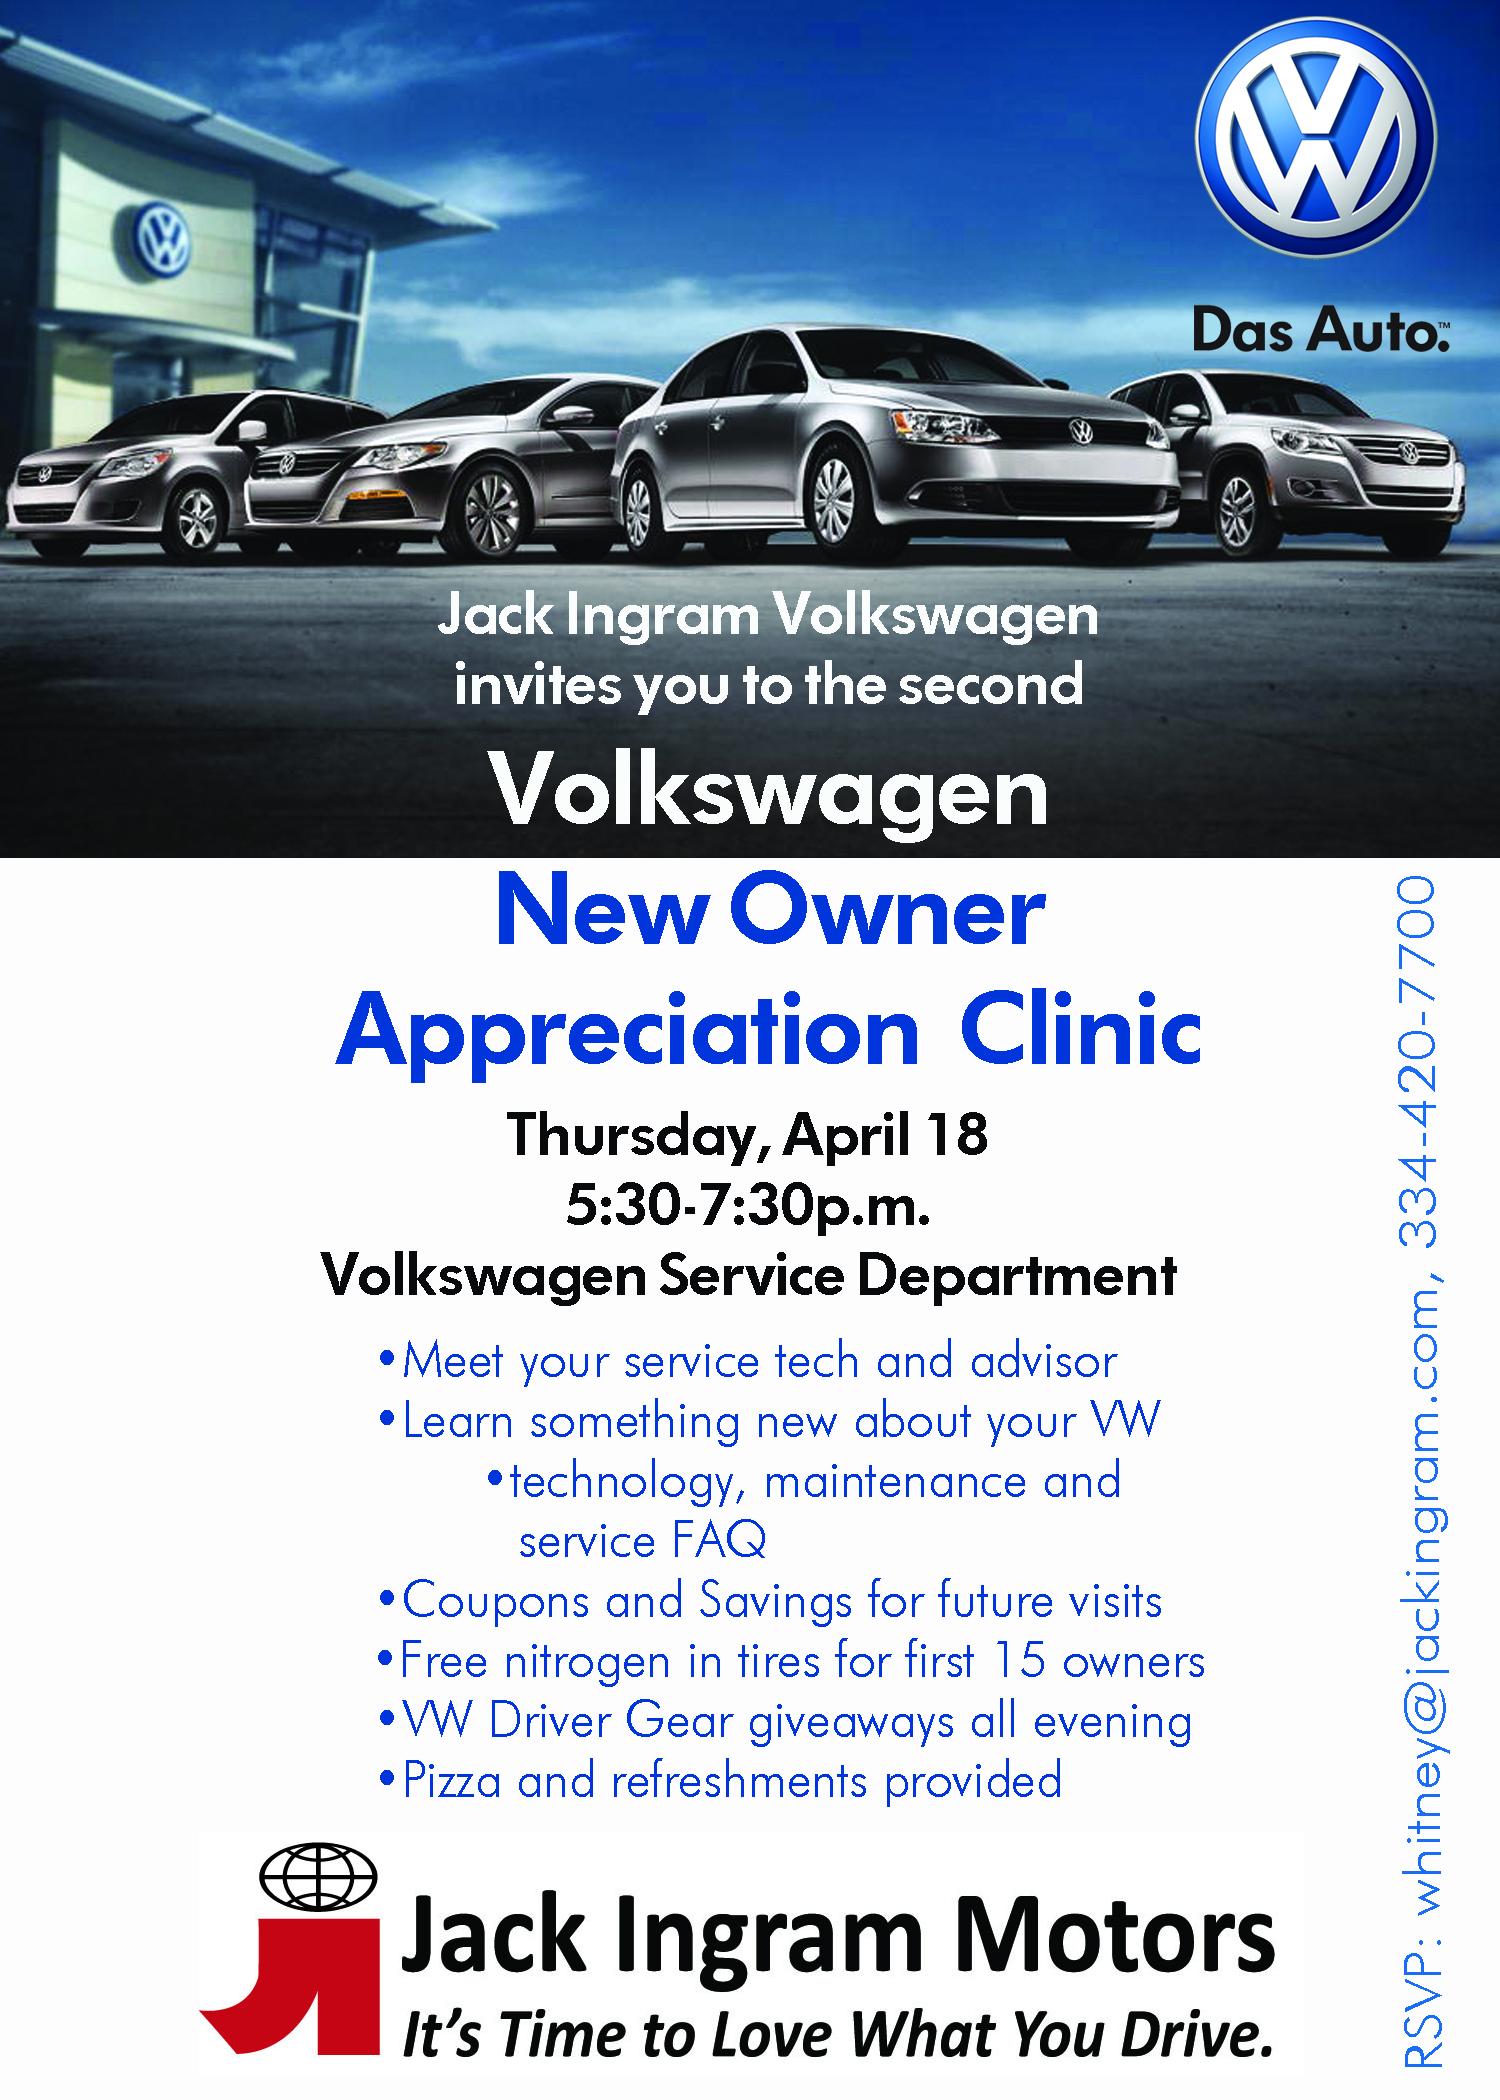 Jack Ingram Volkswagen New Owner Clinic Thursday Night   Jack Ingram Motors' Blog